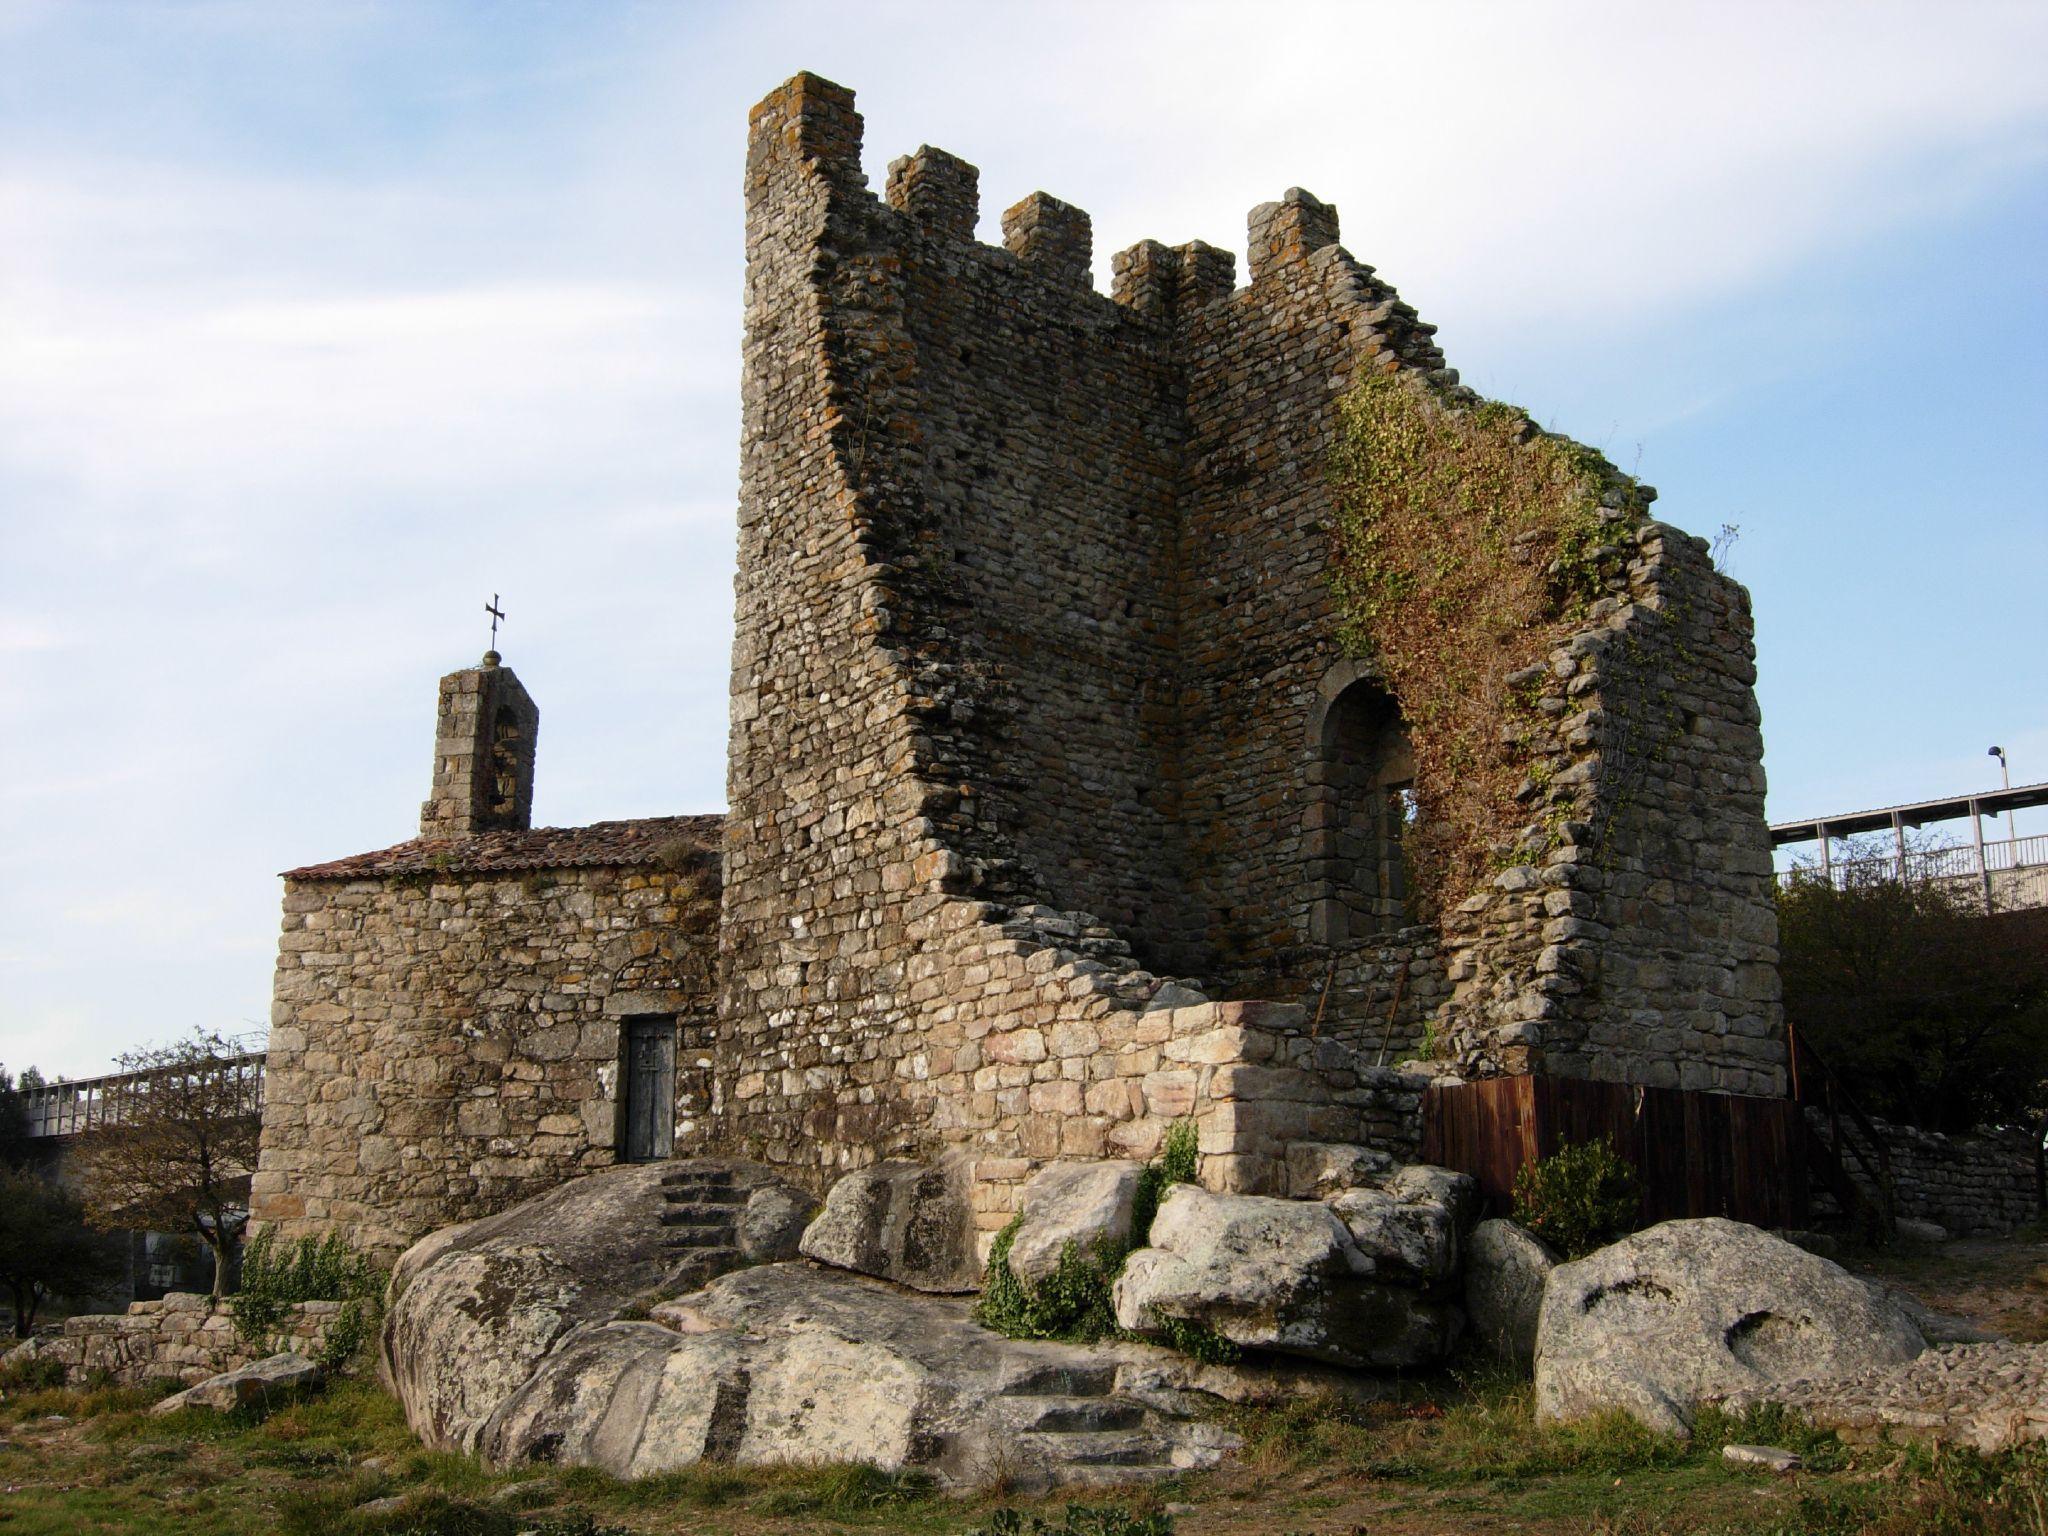 File:Torres de Catoira 1.jpg - Wikipedia